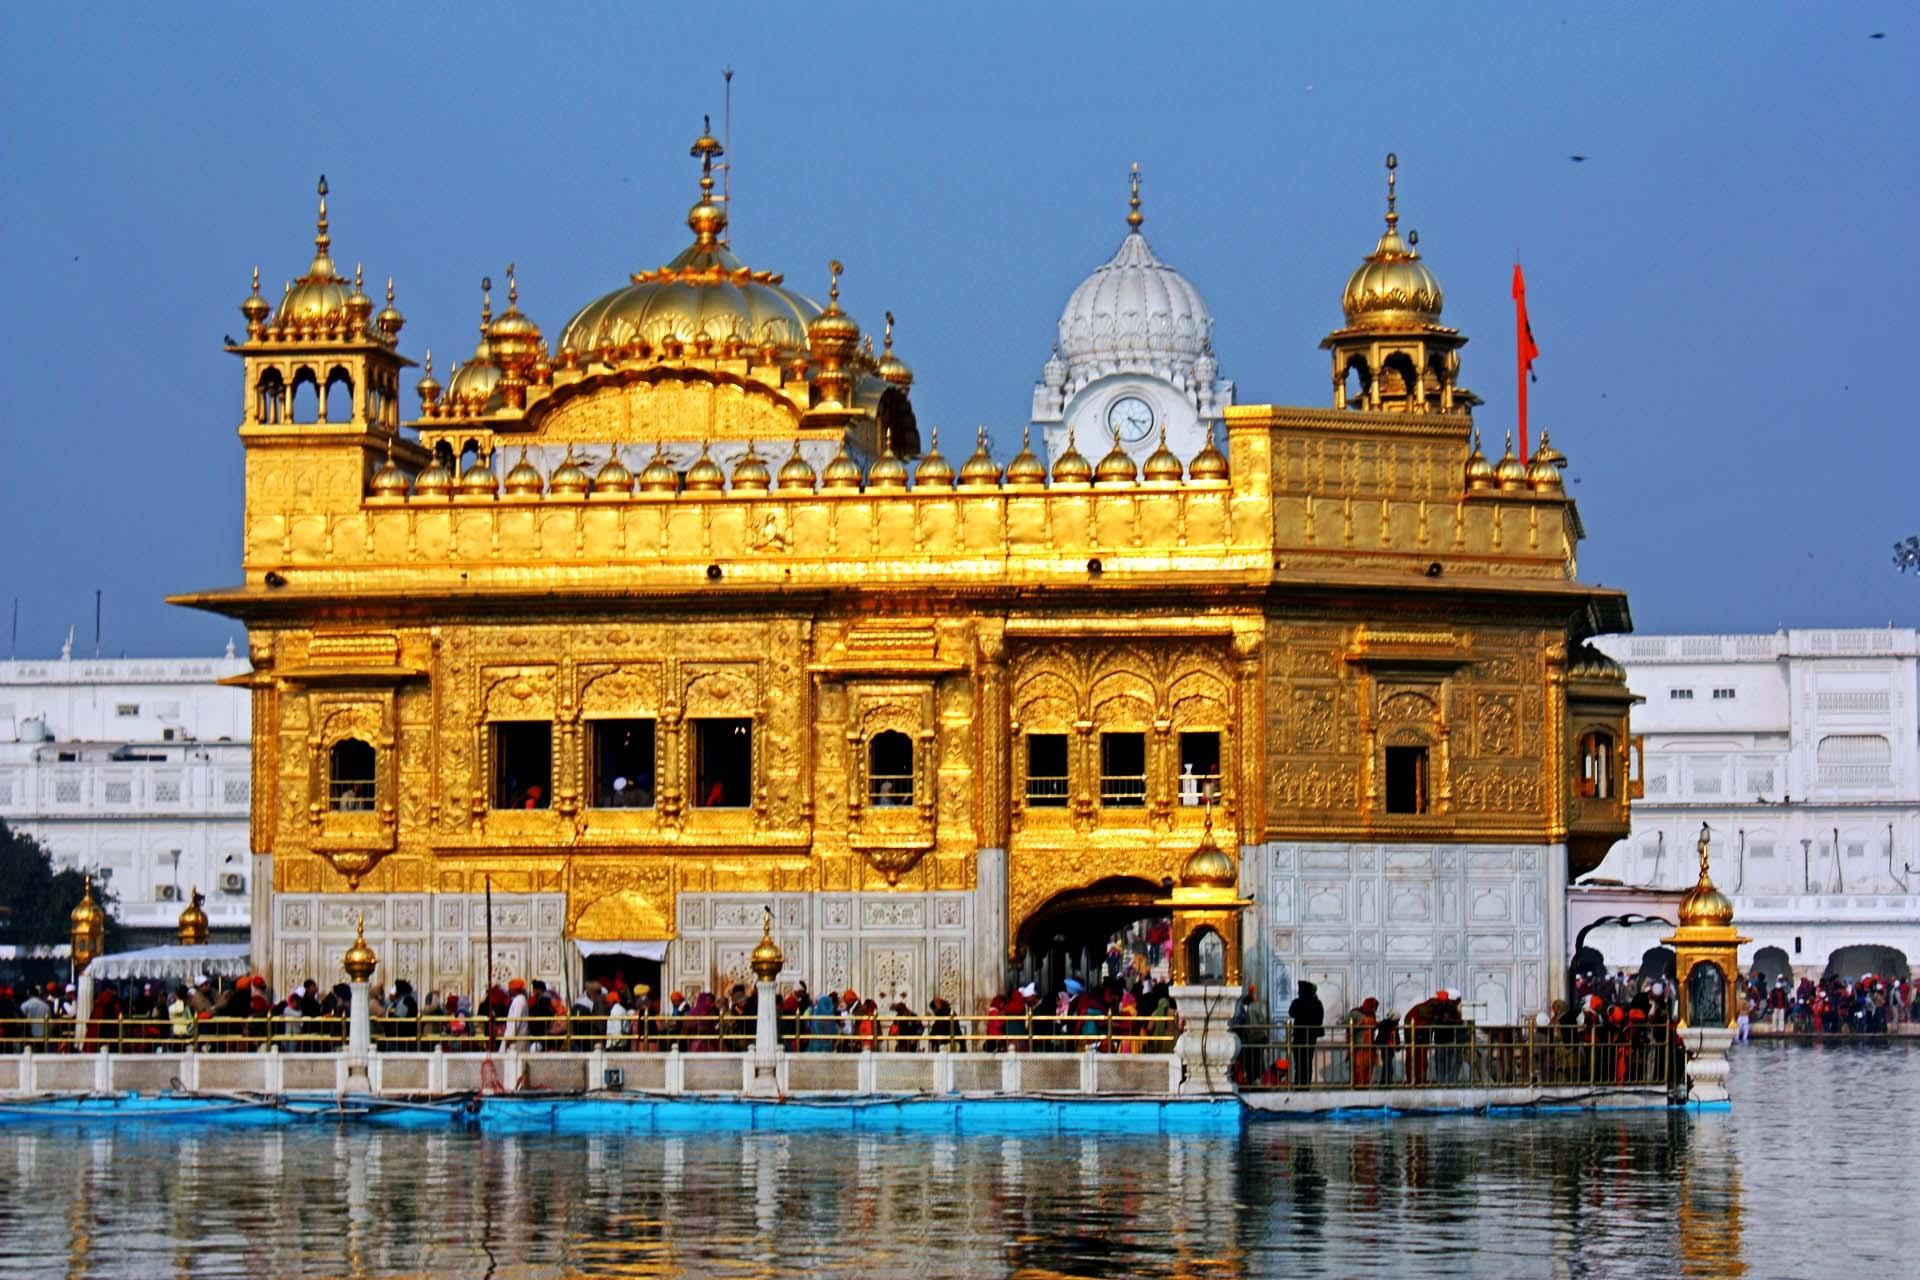 पाक से आया फलों का ट्रक, अंदर छिपा था लाखों का सोना